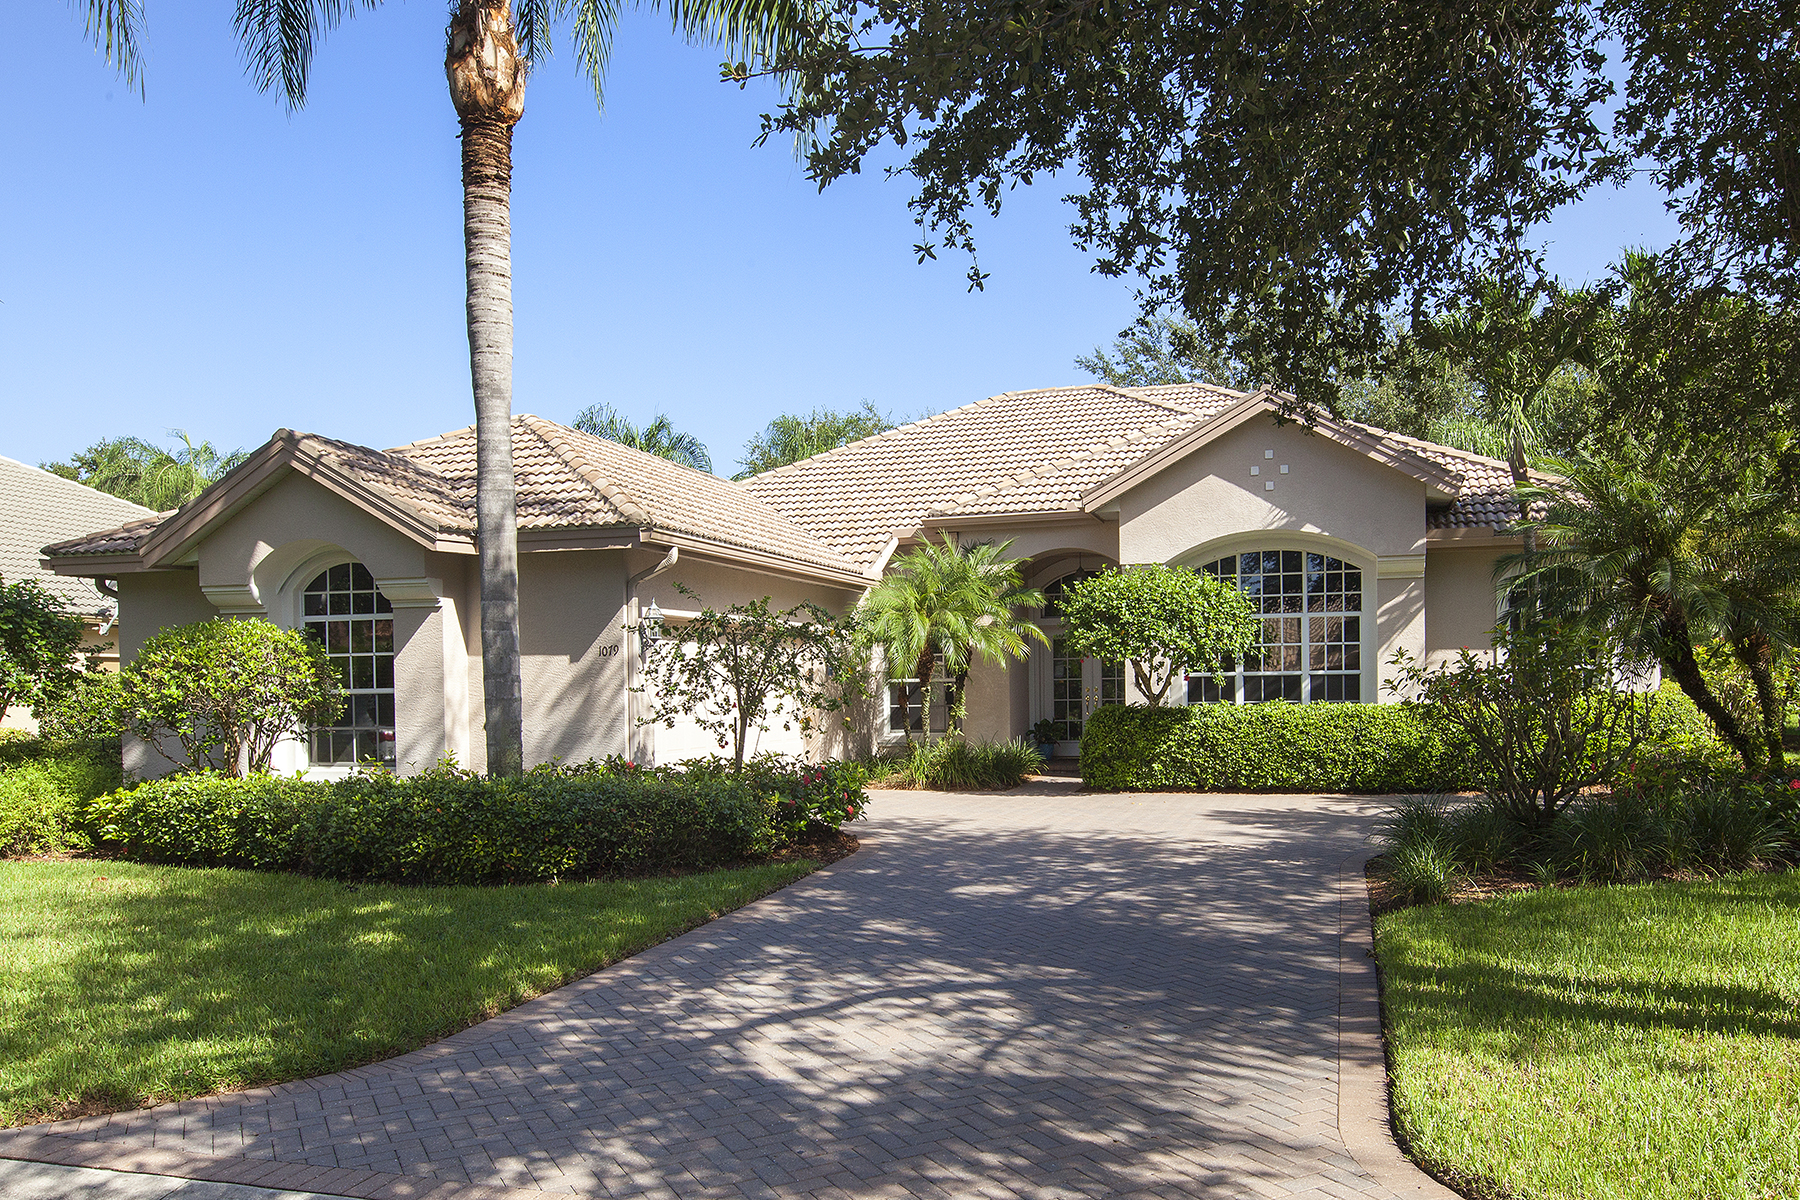 独户住宅 为 销售 在 Vineyards 1079 Camelot Cir 那不勒斯, 佛罗里达州, 34119 美国